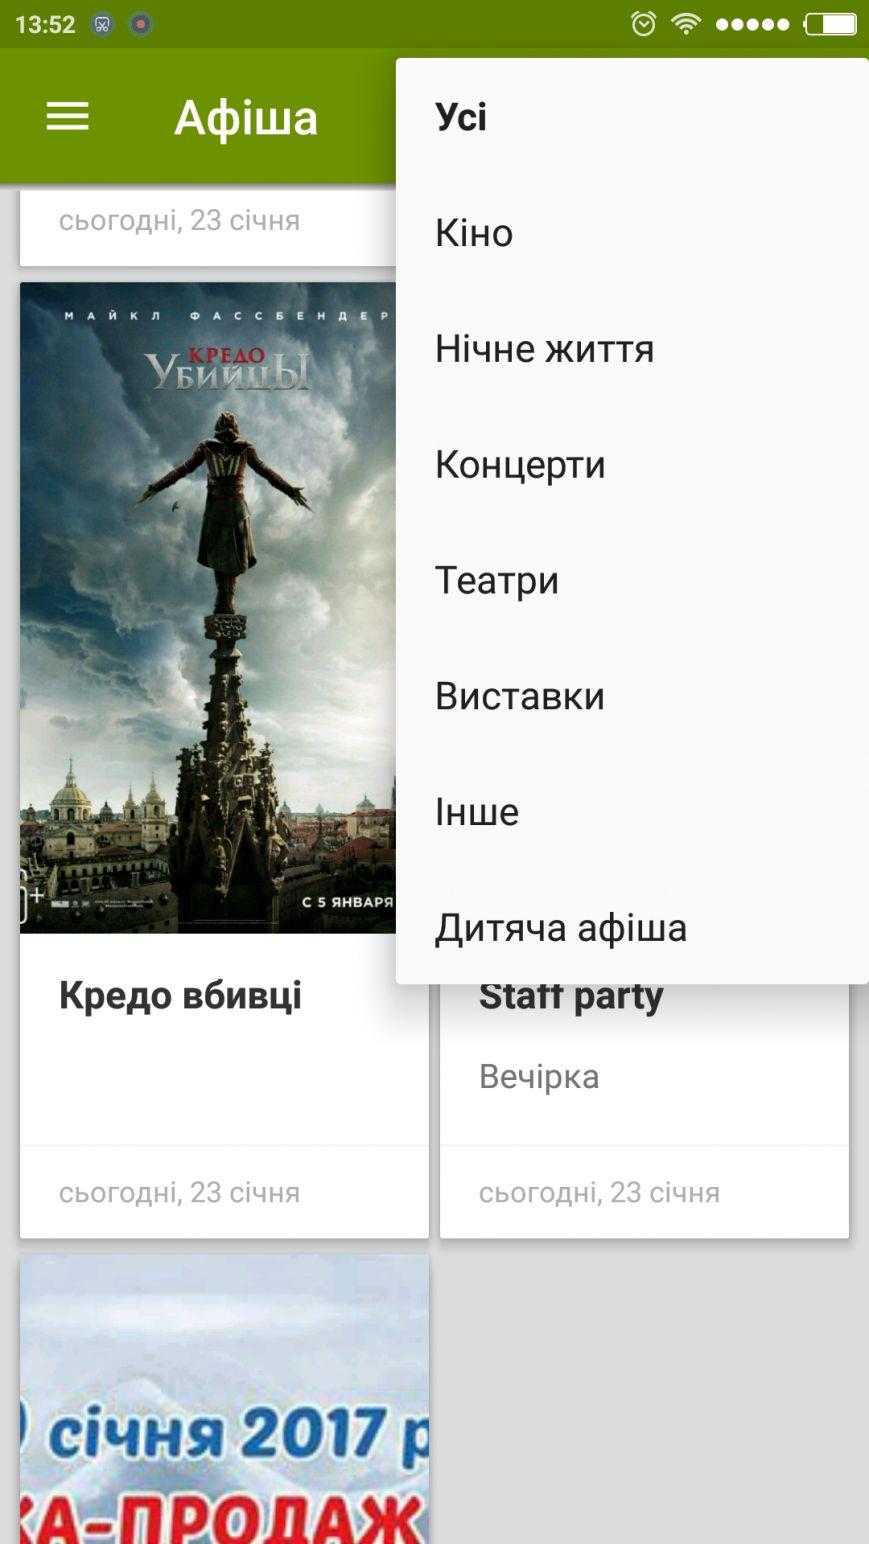 Screenshot_2017-01-23-13-52-12_ua.com.citysites.uzhgorod